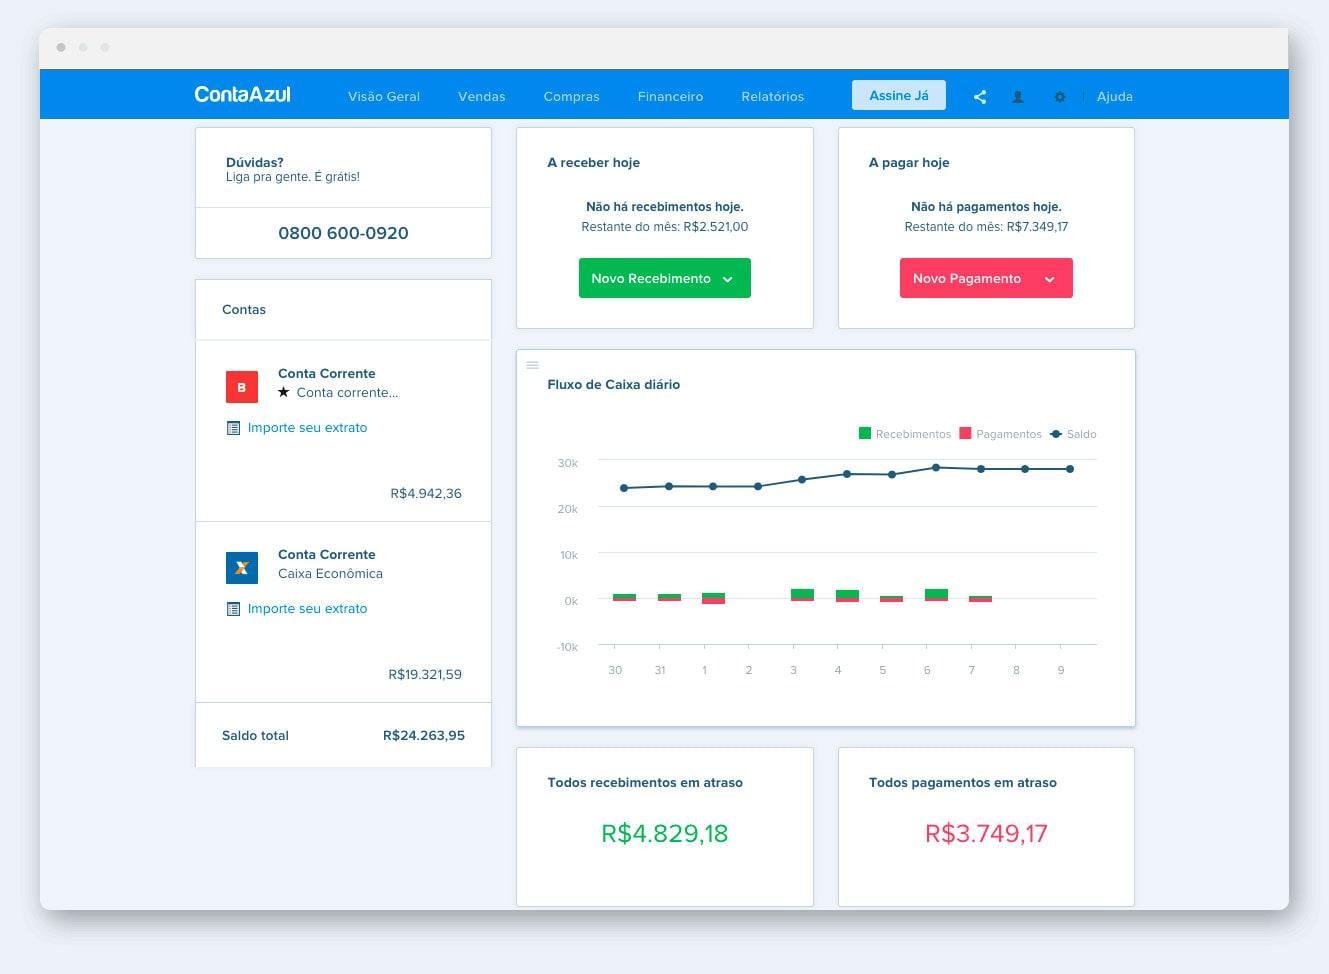 Avaliação Conta Azul: Uma plataforma completa para o seu negócio - Appvizer